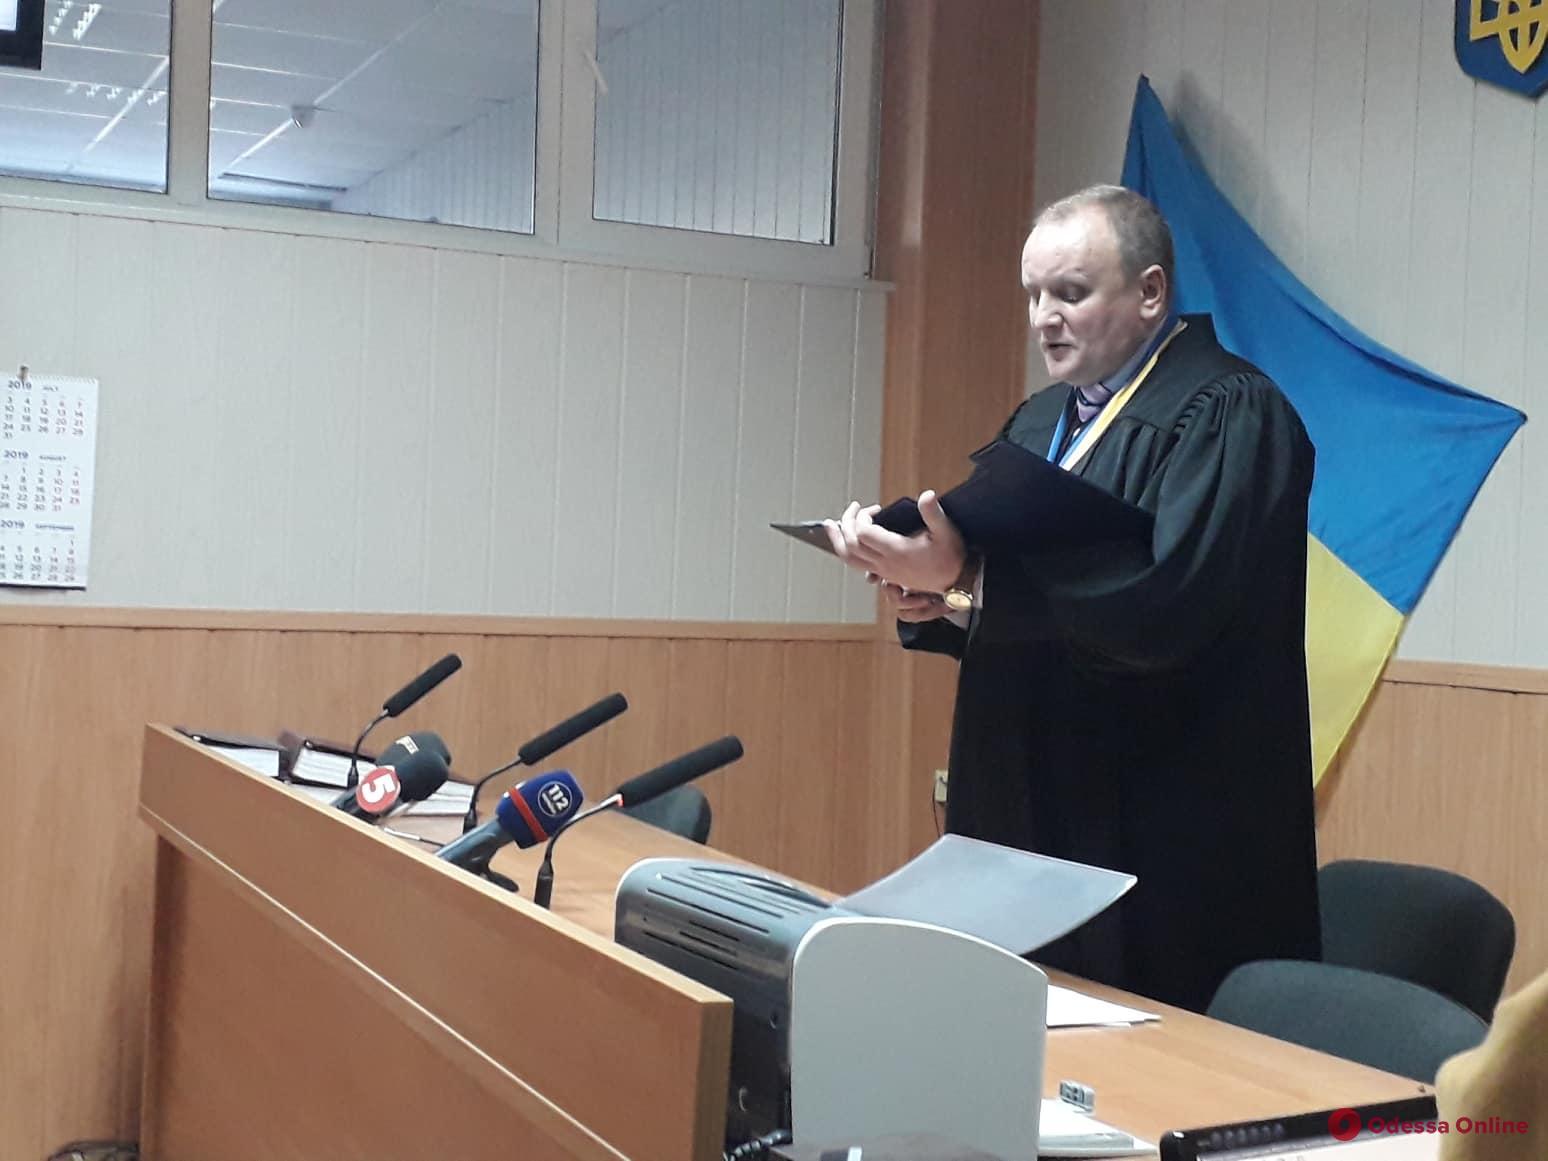 Одесский суд вынес приговор капитану затонувшего катера «Иволга»